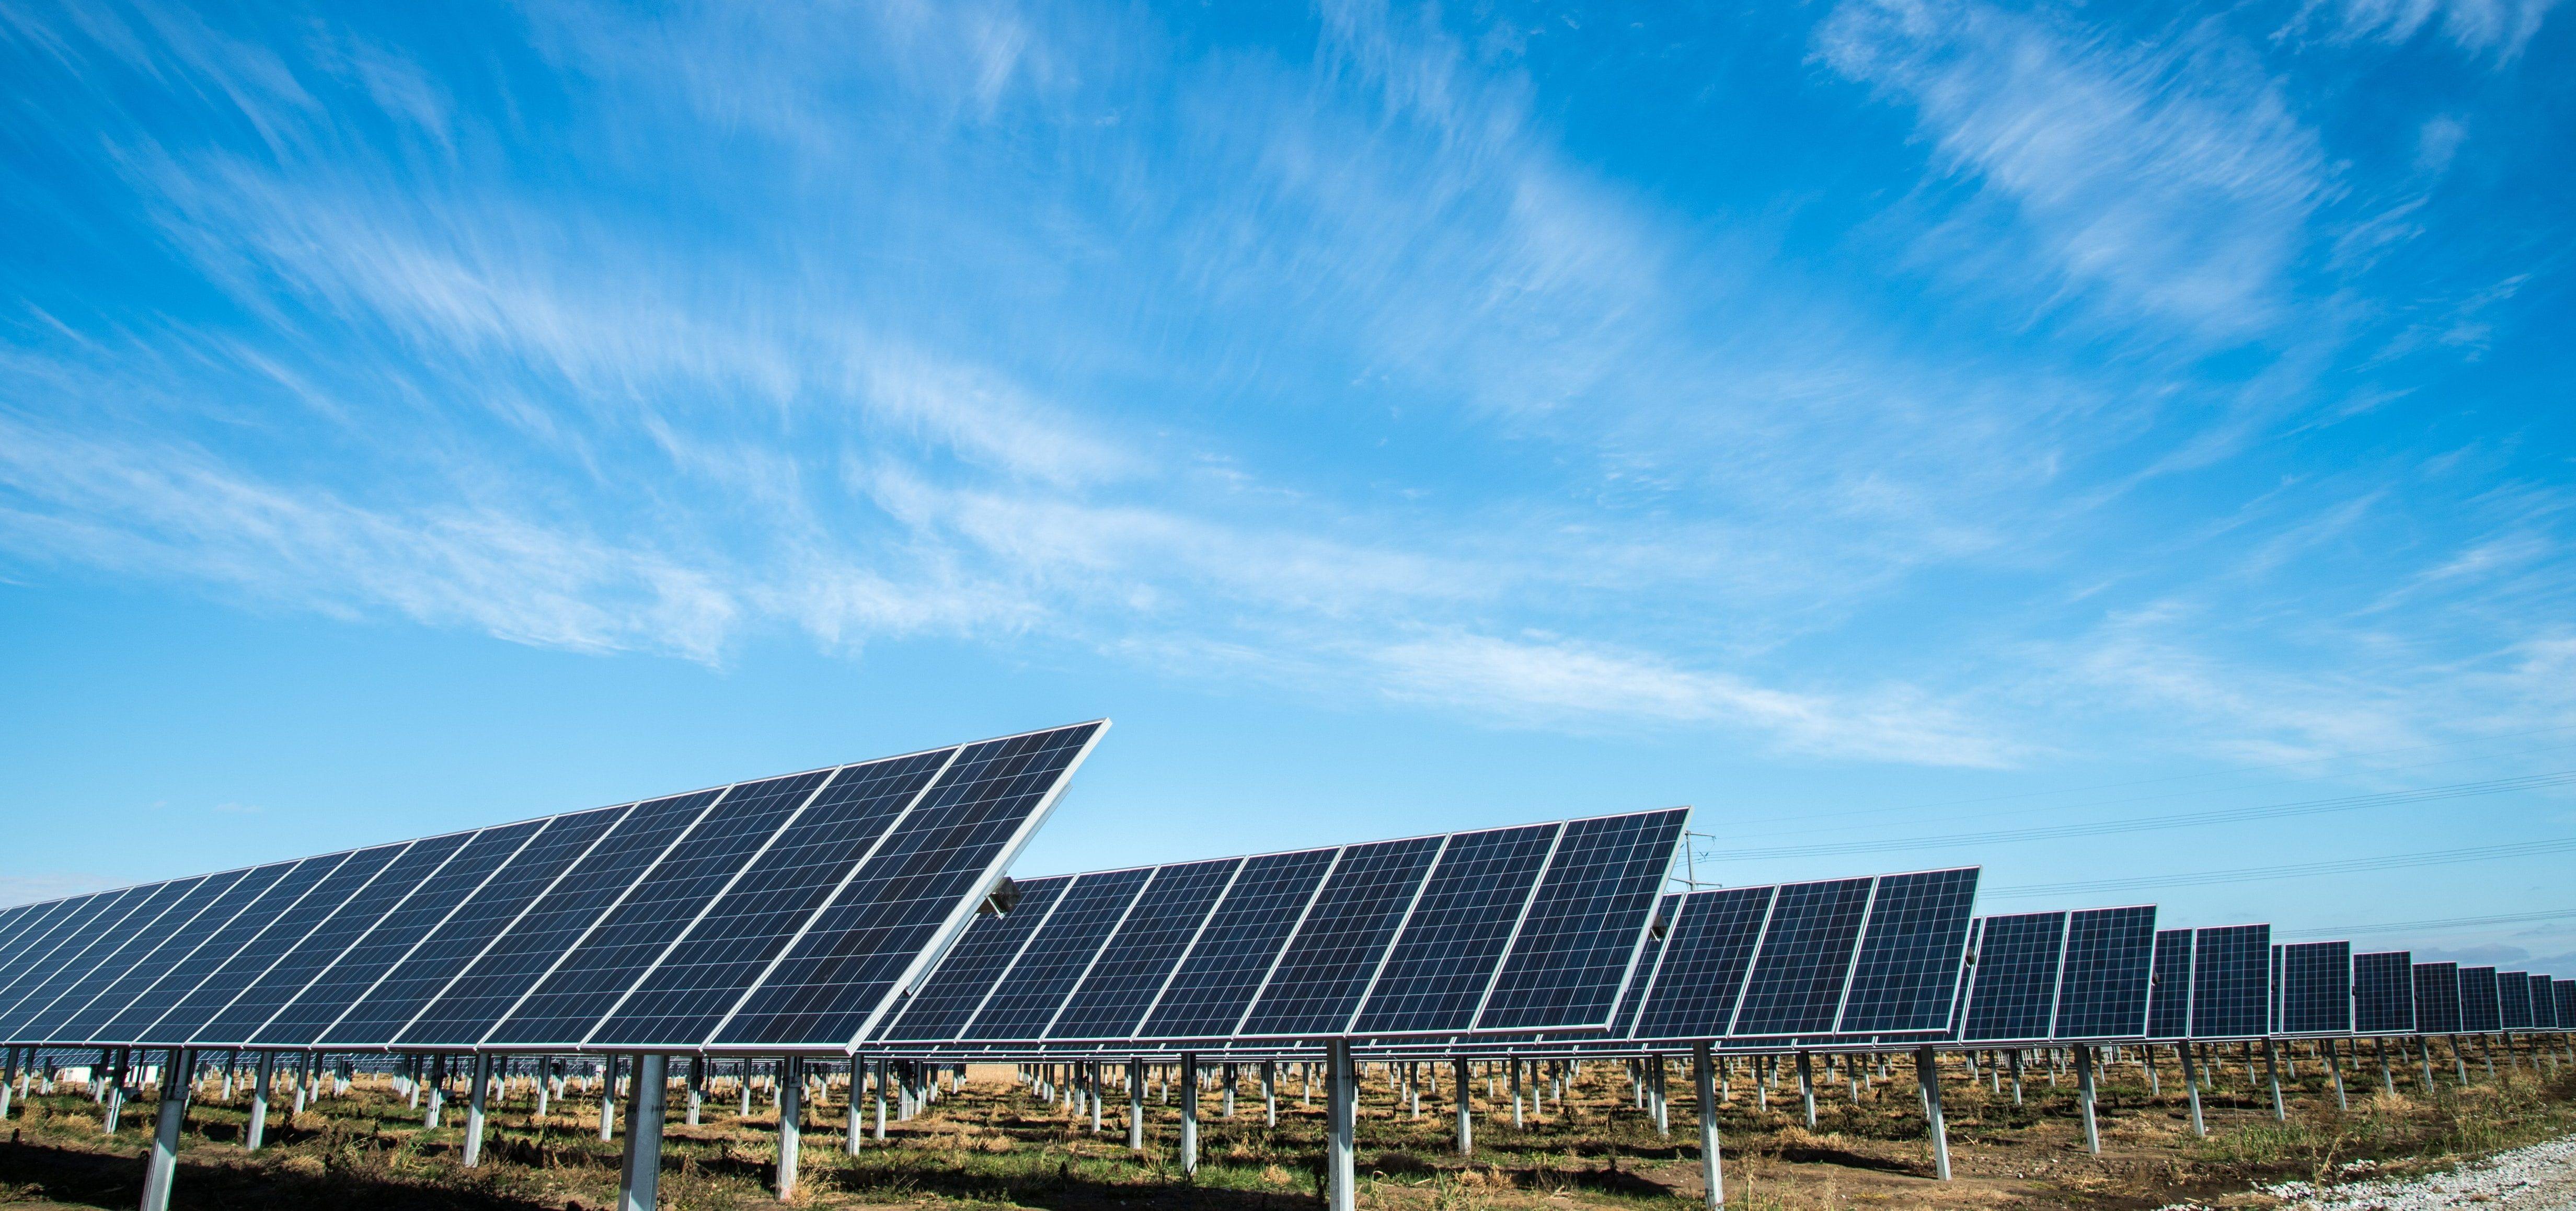 CENACE no conectará más renovables en Baja California Sur